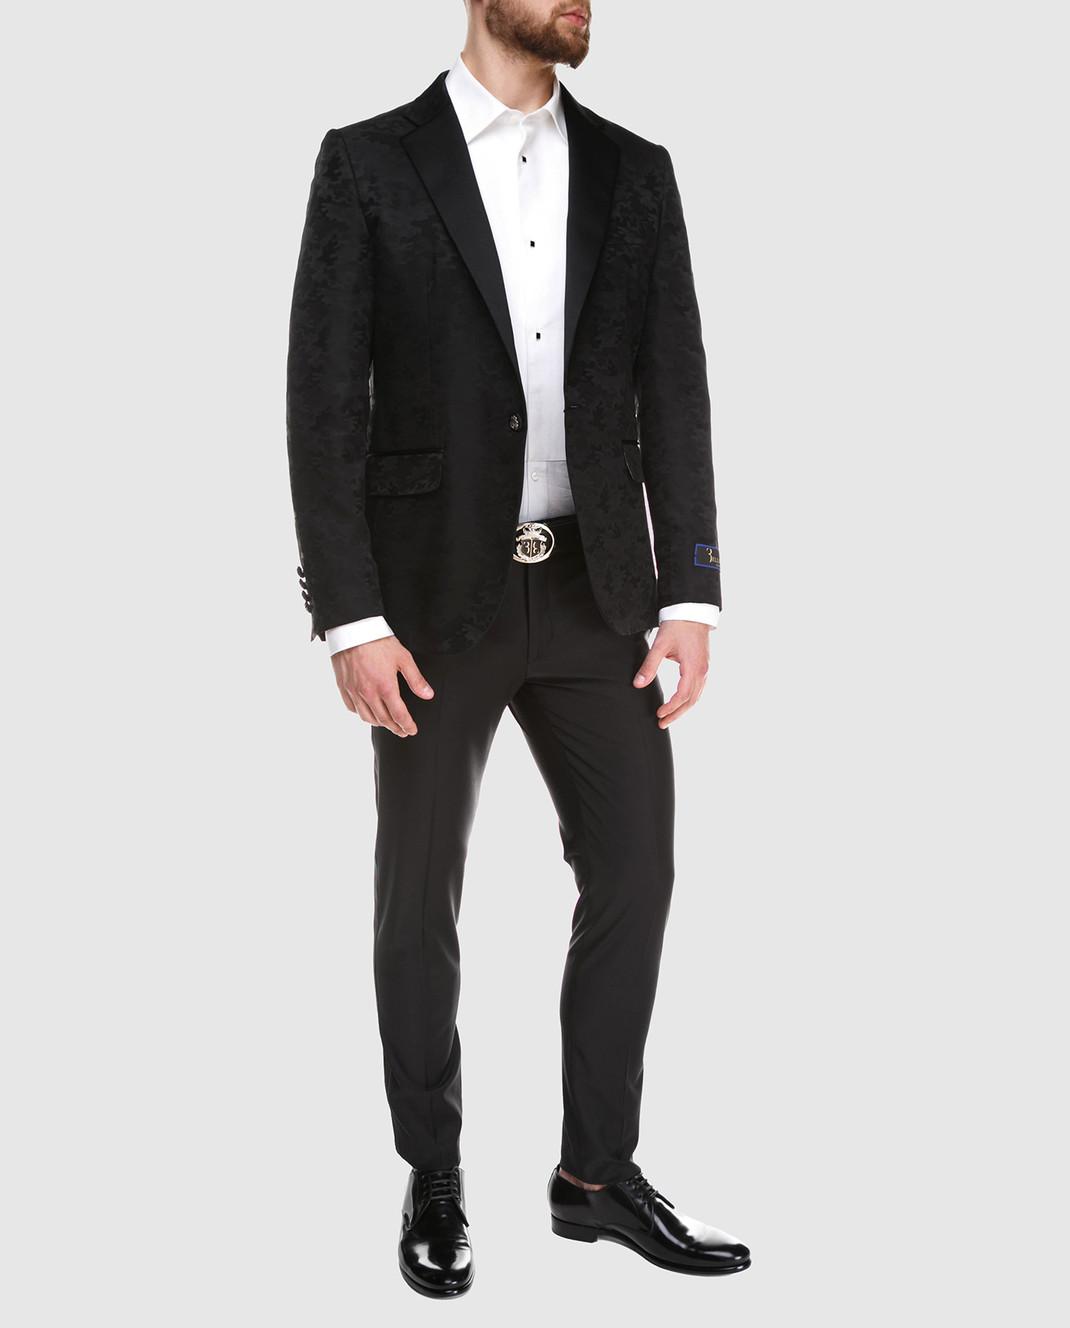 Billionaire Черные брюки изображение 2